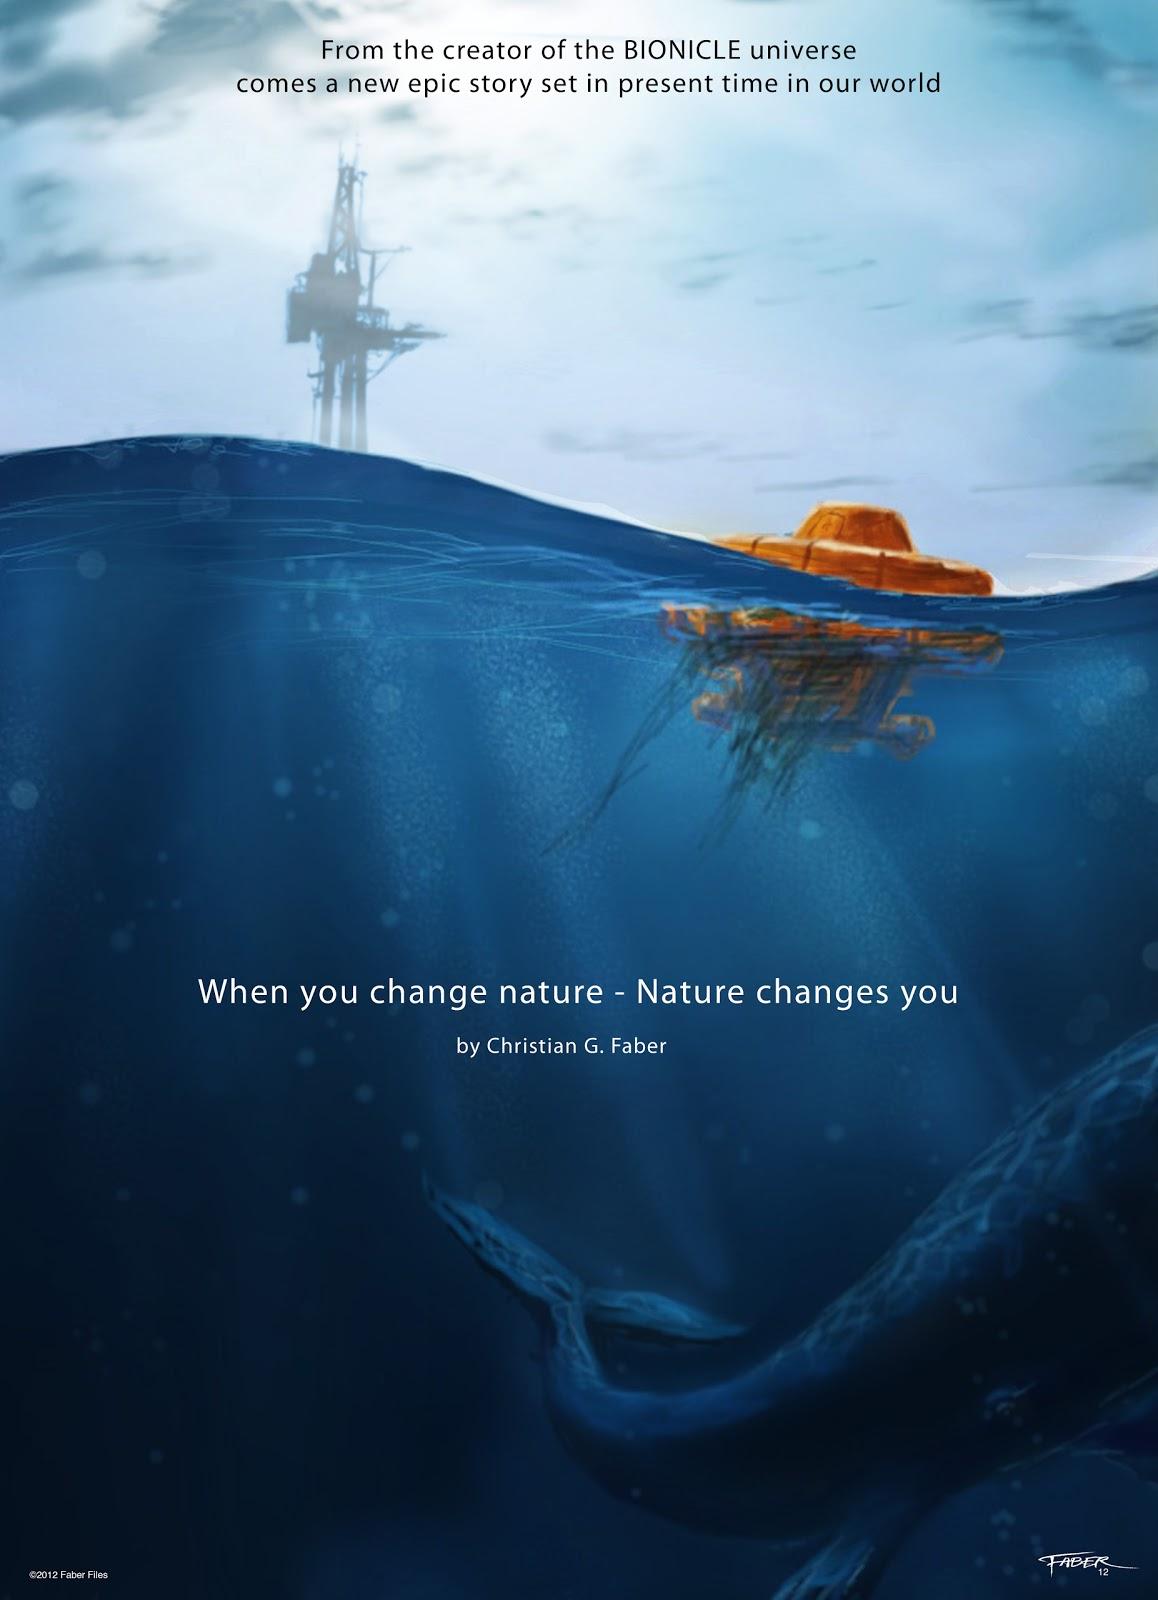 http://3.bp.blogspot.com/-kqJx8_5W9AI/T4ICpdd6FVI/AAAAAAAAAFk/MZHWp-twPeA/s1600/2nd+Nature+Blog+teaser.jpg